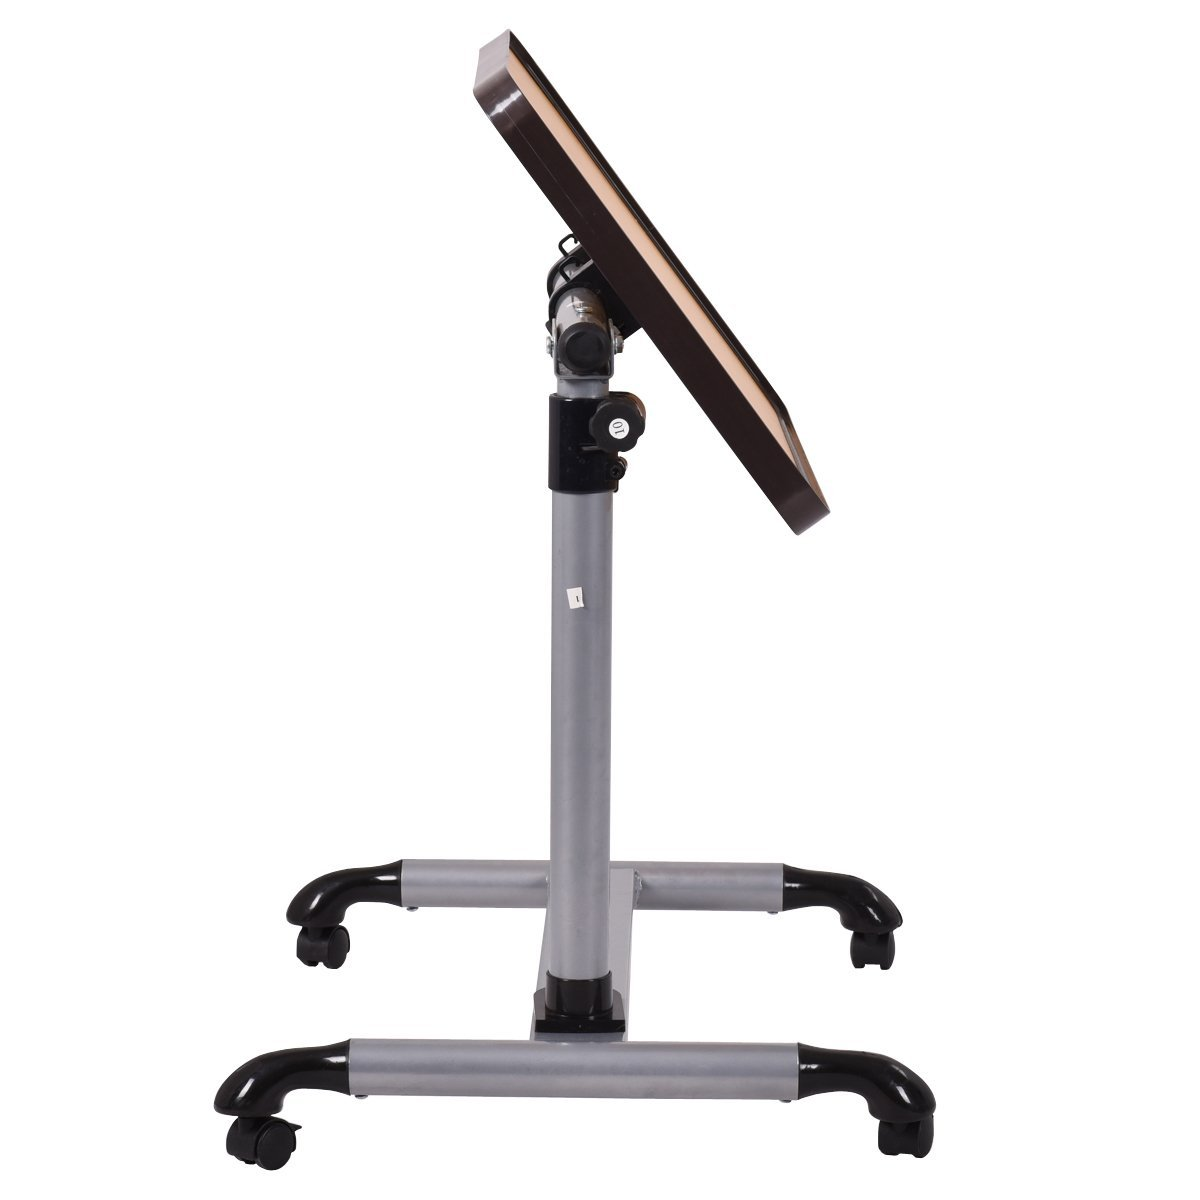 Costway Tavolino Porta PC Scrivania per Laptop Tavolo Laterale per Letto Divano con Ruote Altezza e Inclinazione Regolabile